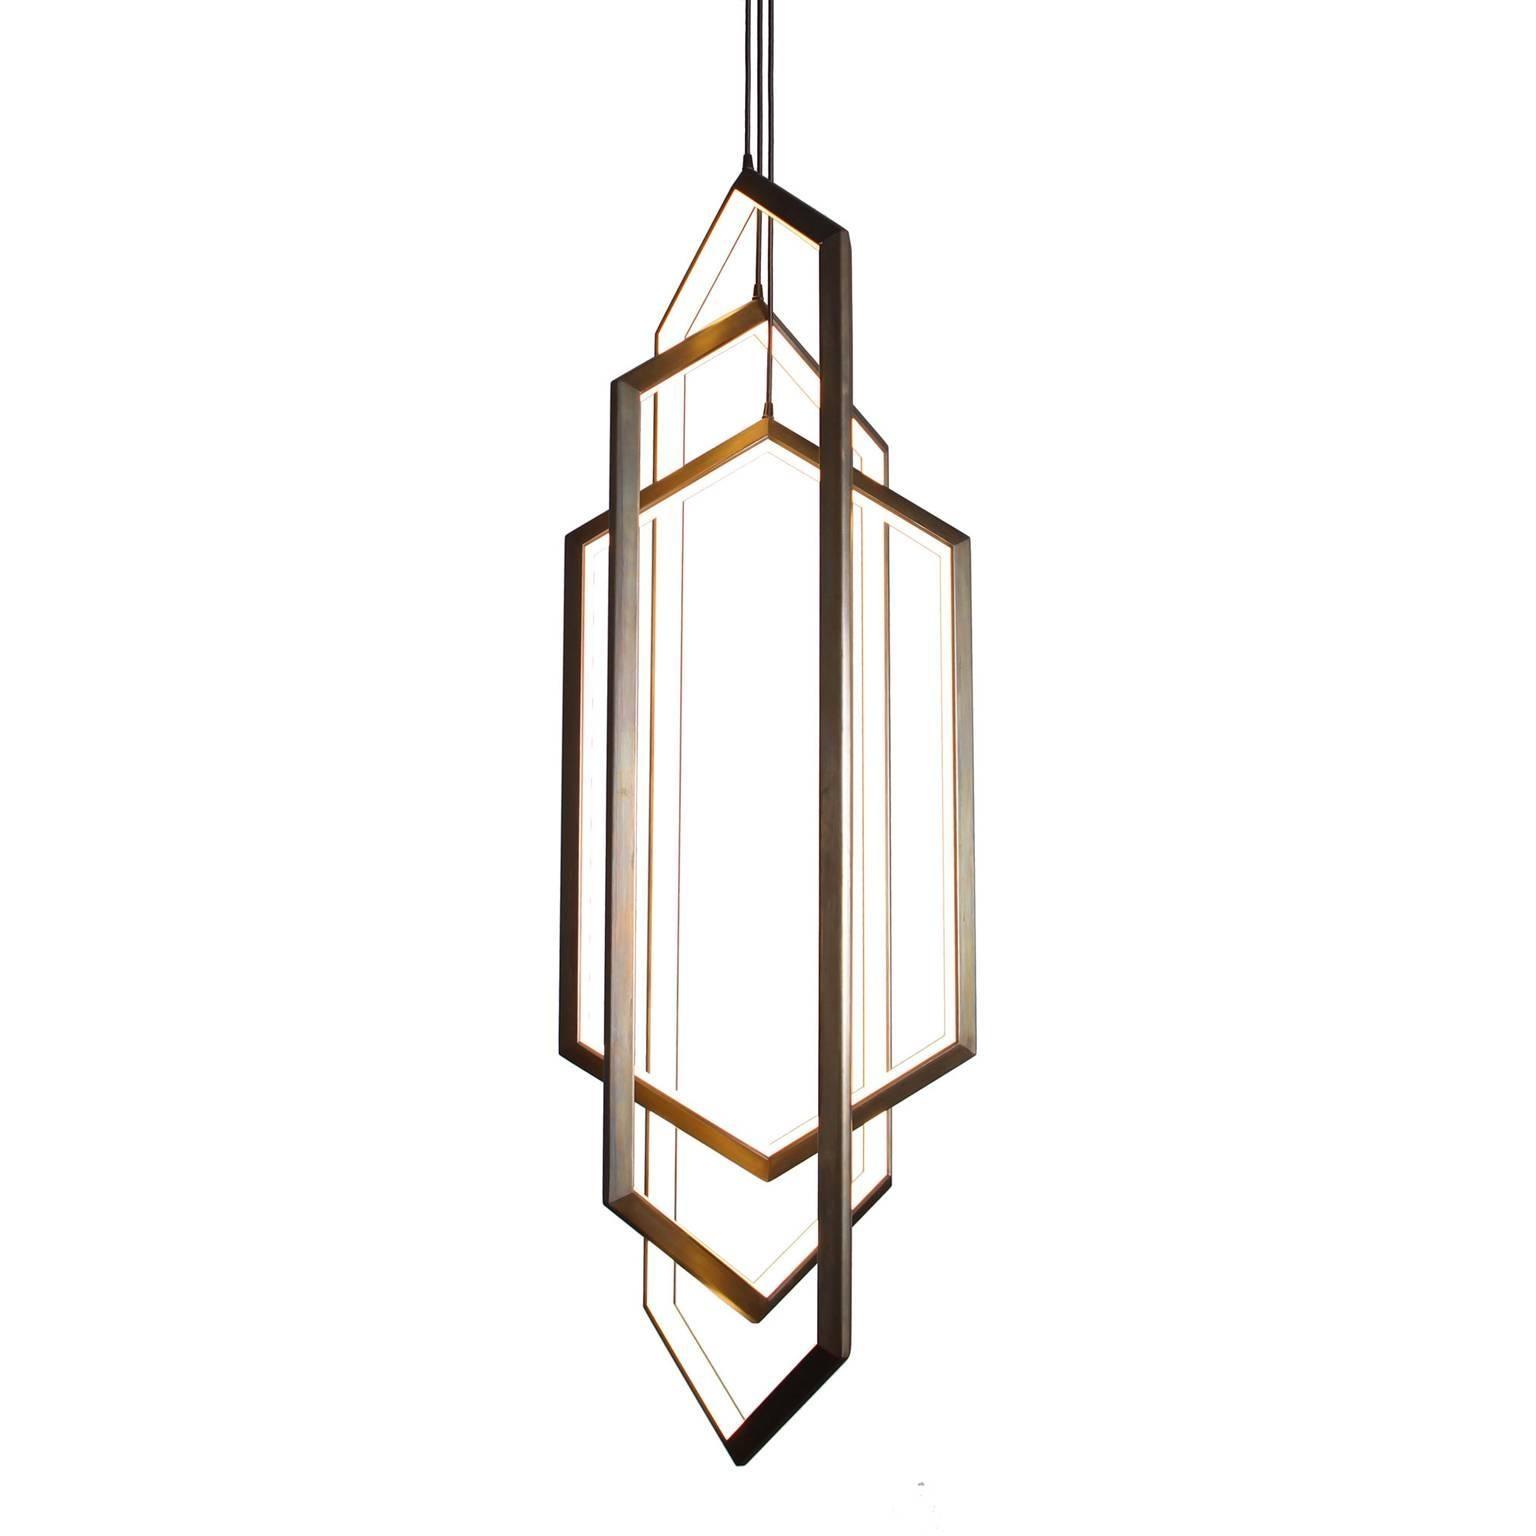 ORBIS VX58 - Hexagon Geometric Modern Chandelier LED Light Fixture